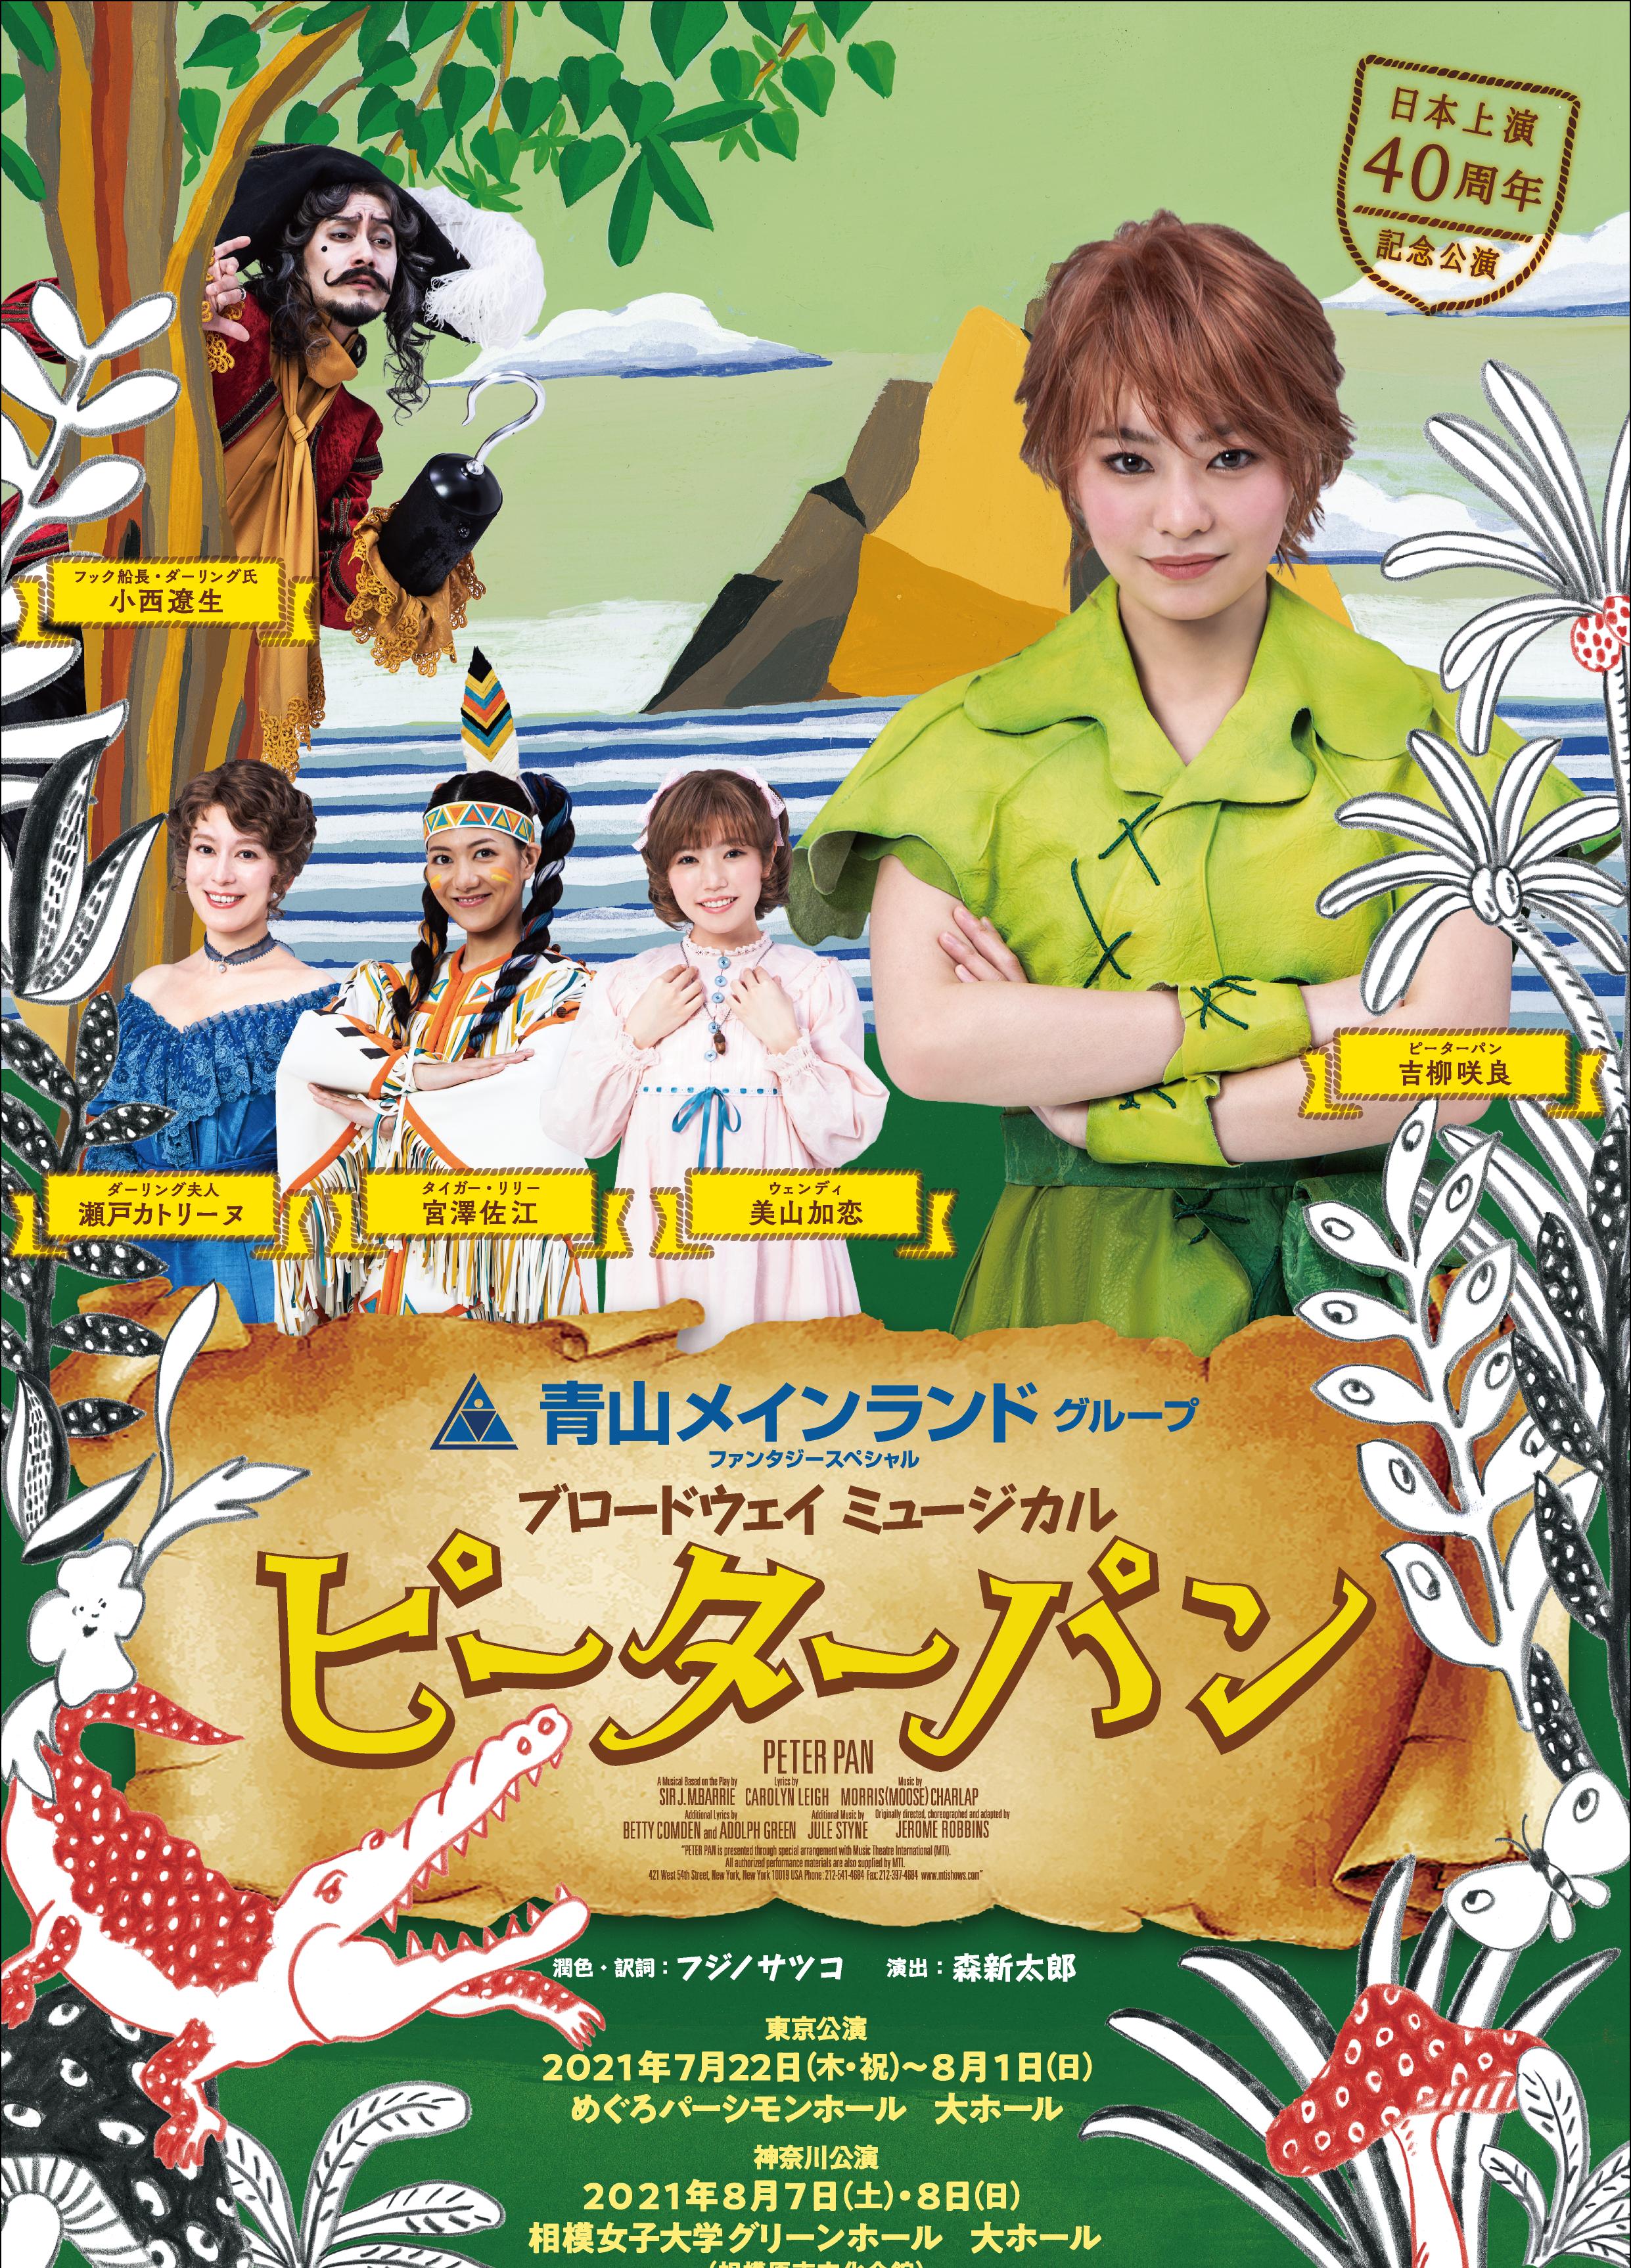 青山メインランドグループファンタジースペシャル<br />ブロードウェイミュージカル『ピーターパン』